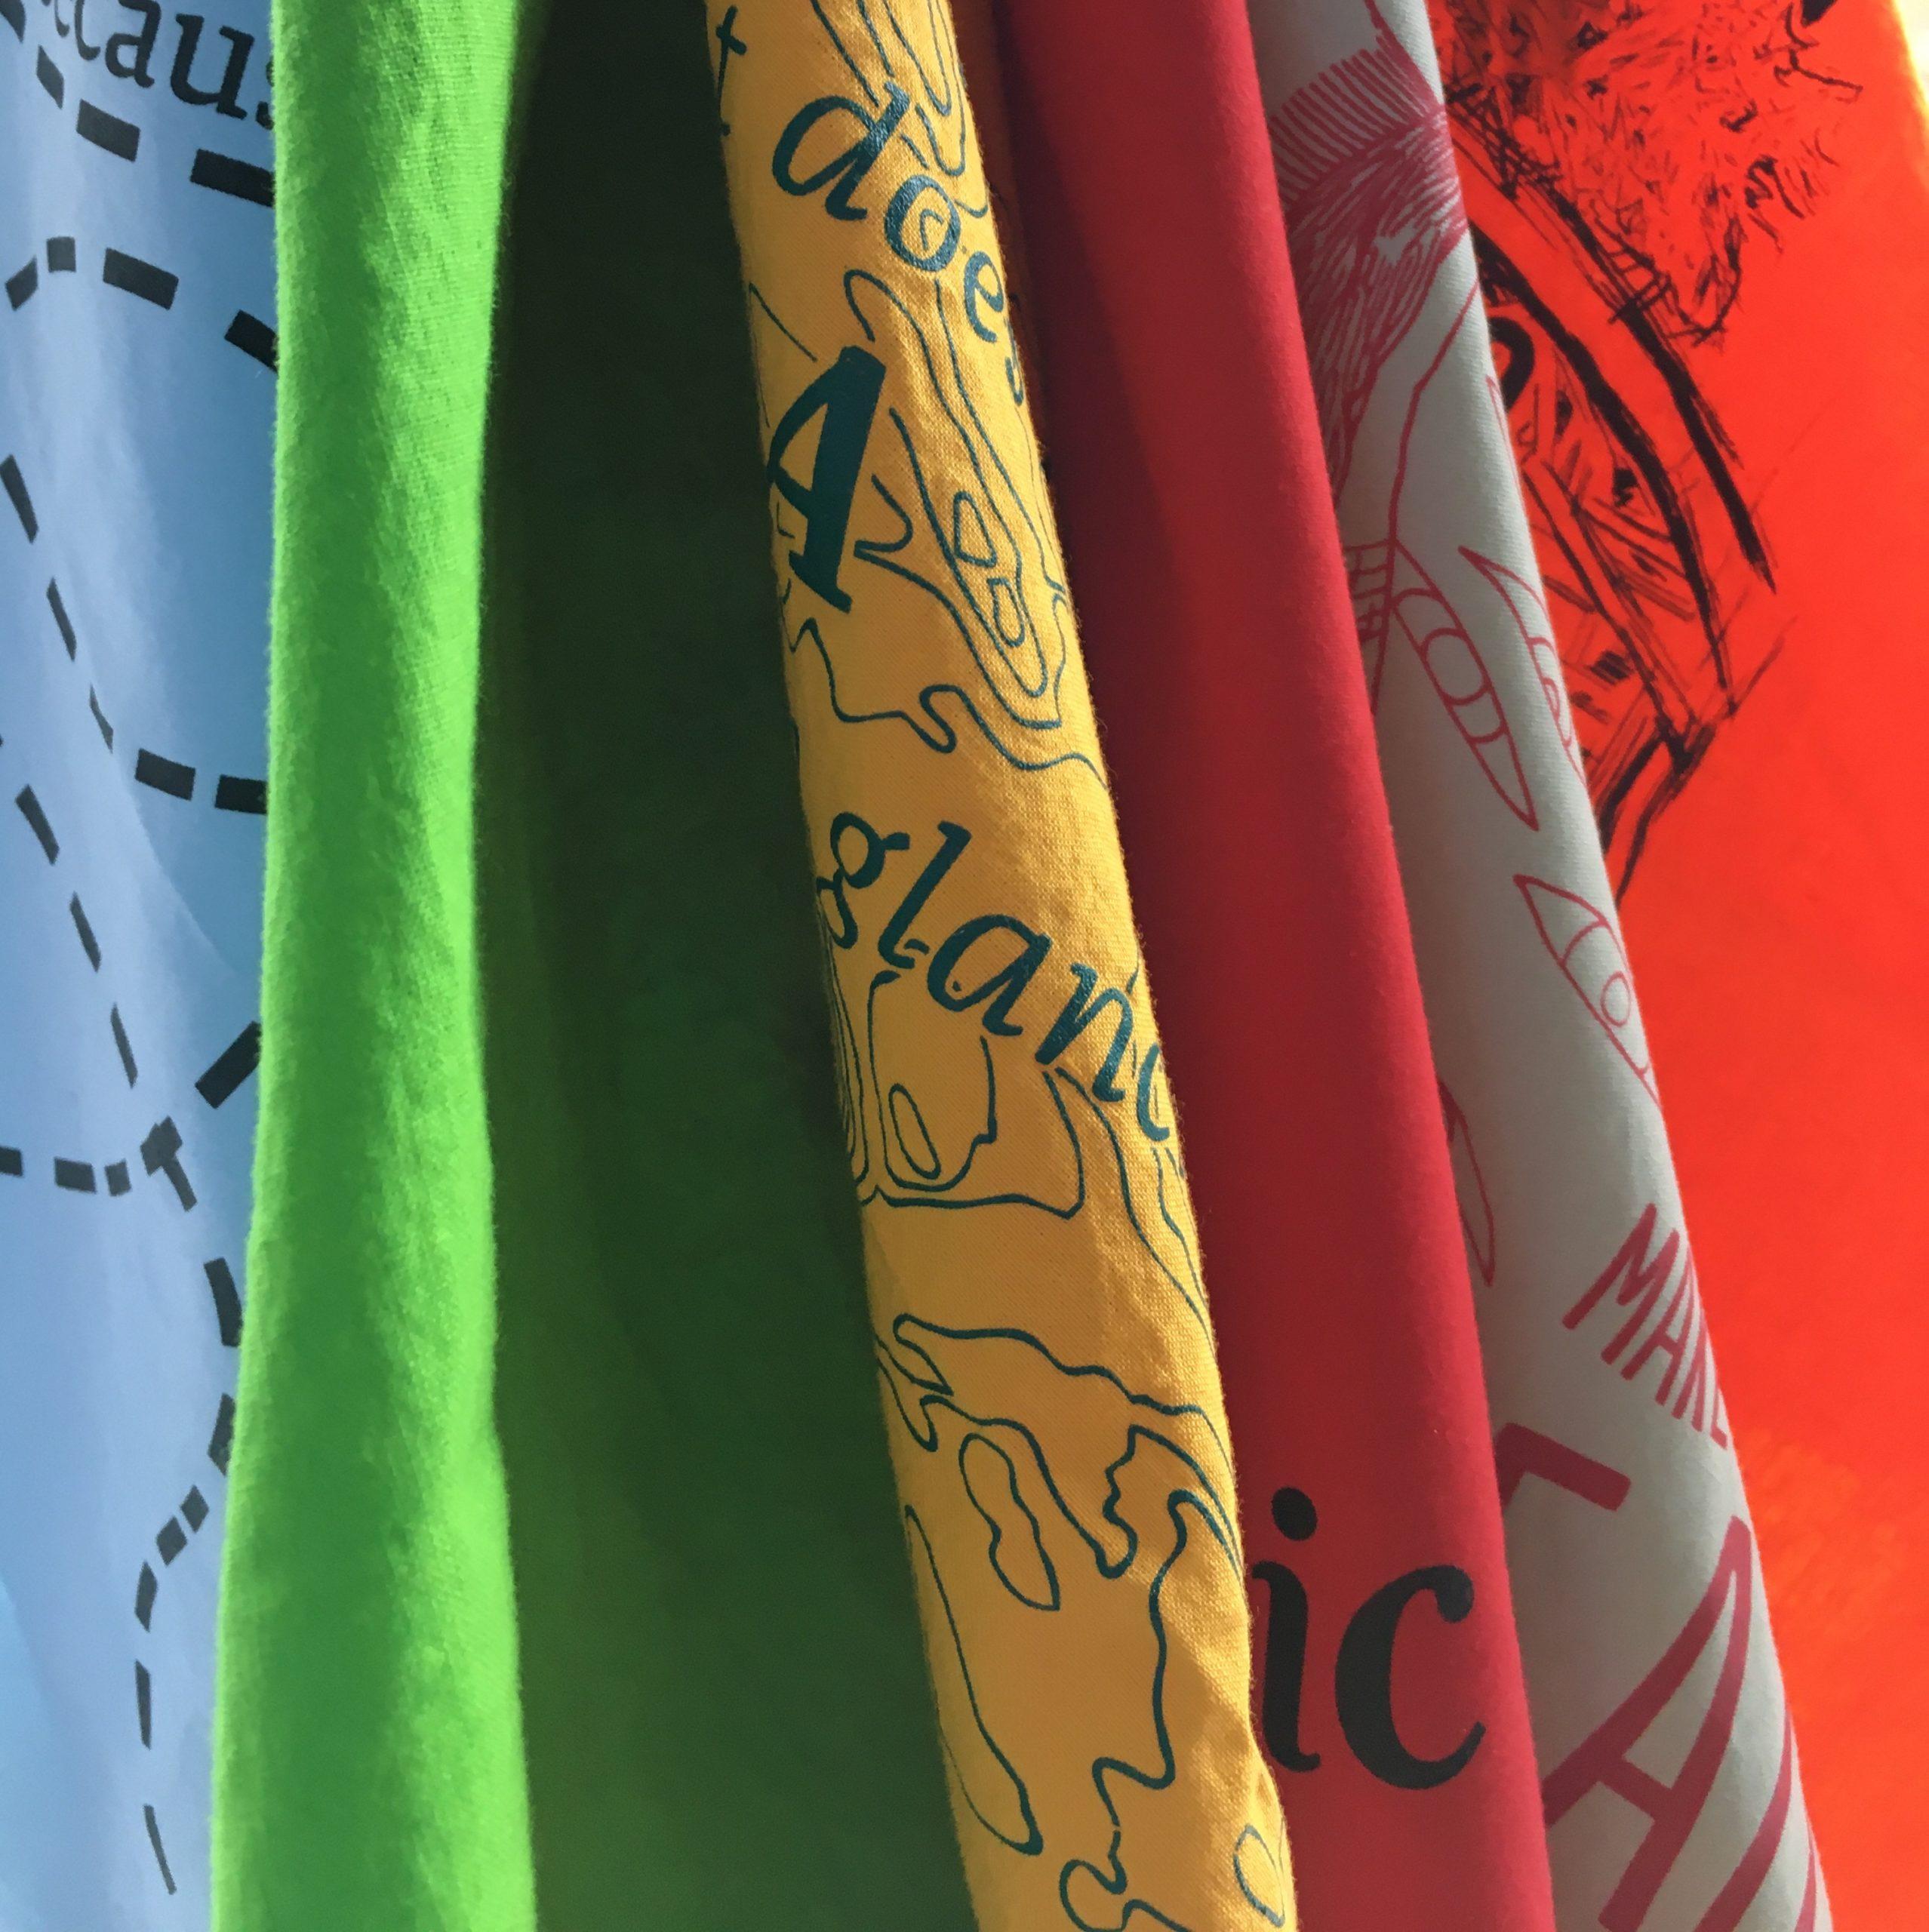 a selection of past hillside bandanas